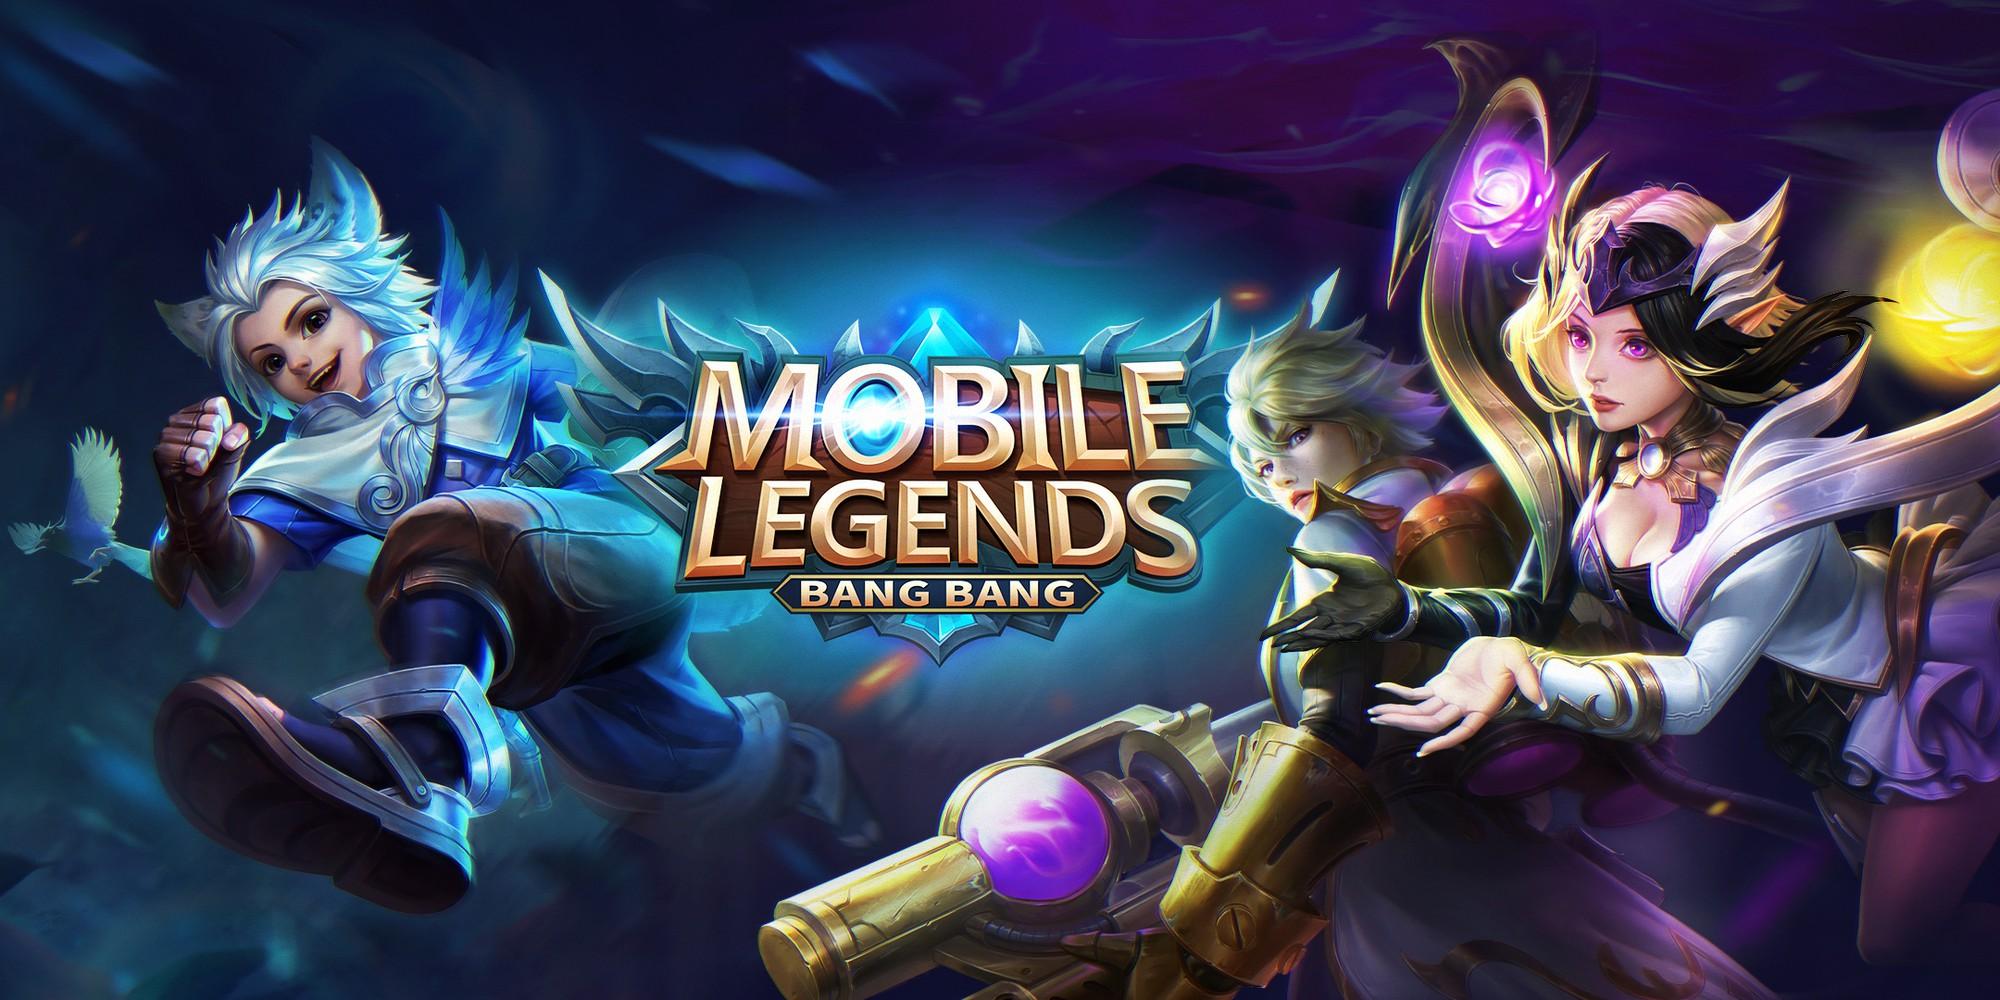 """""""Bom tấn"""" eSports Mobile Legends: Bang Bang và hành trình chinh phục game thủ Việt - Ảnh 2."""